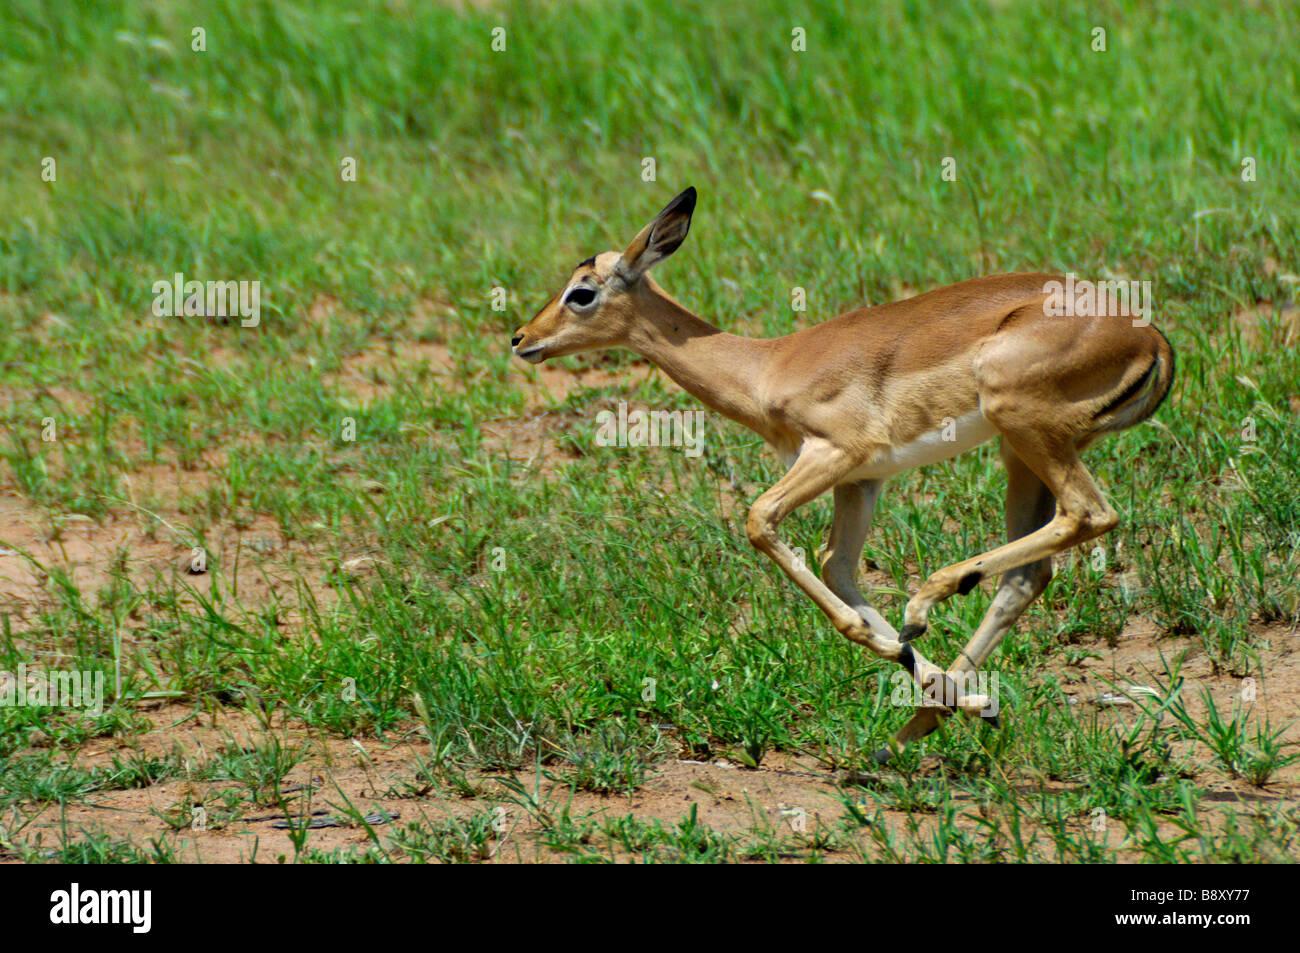 Impala ewe running away from a ram during mating season. - Stock Image